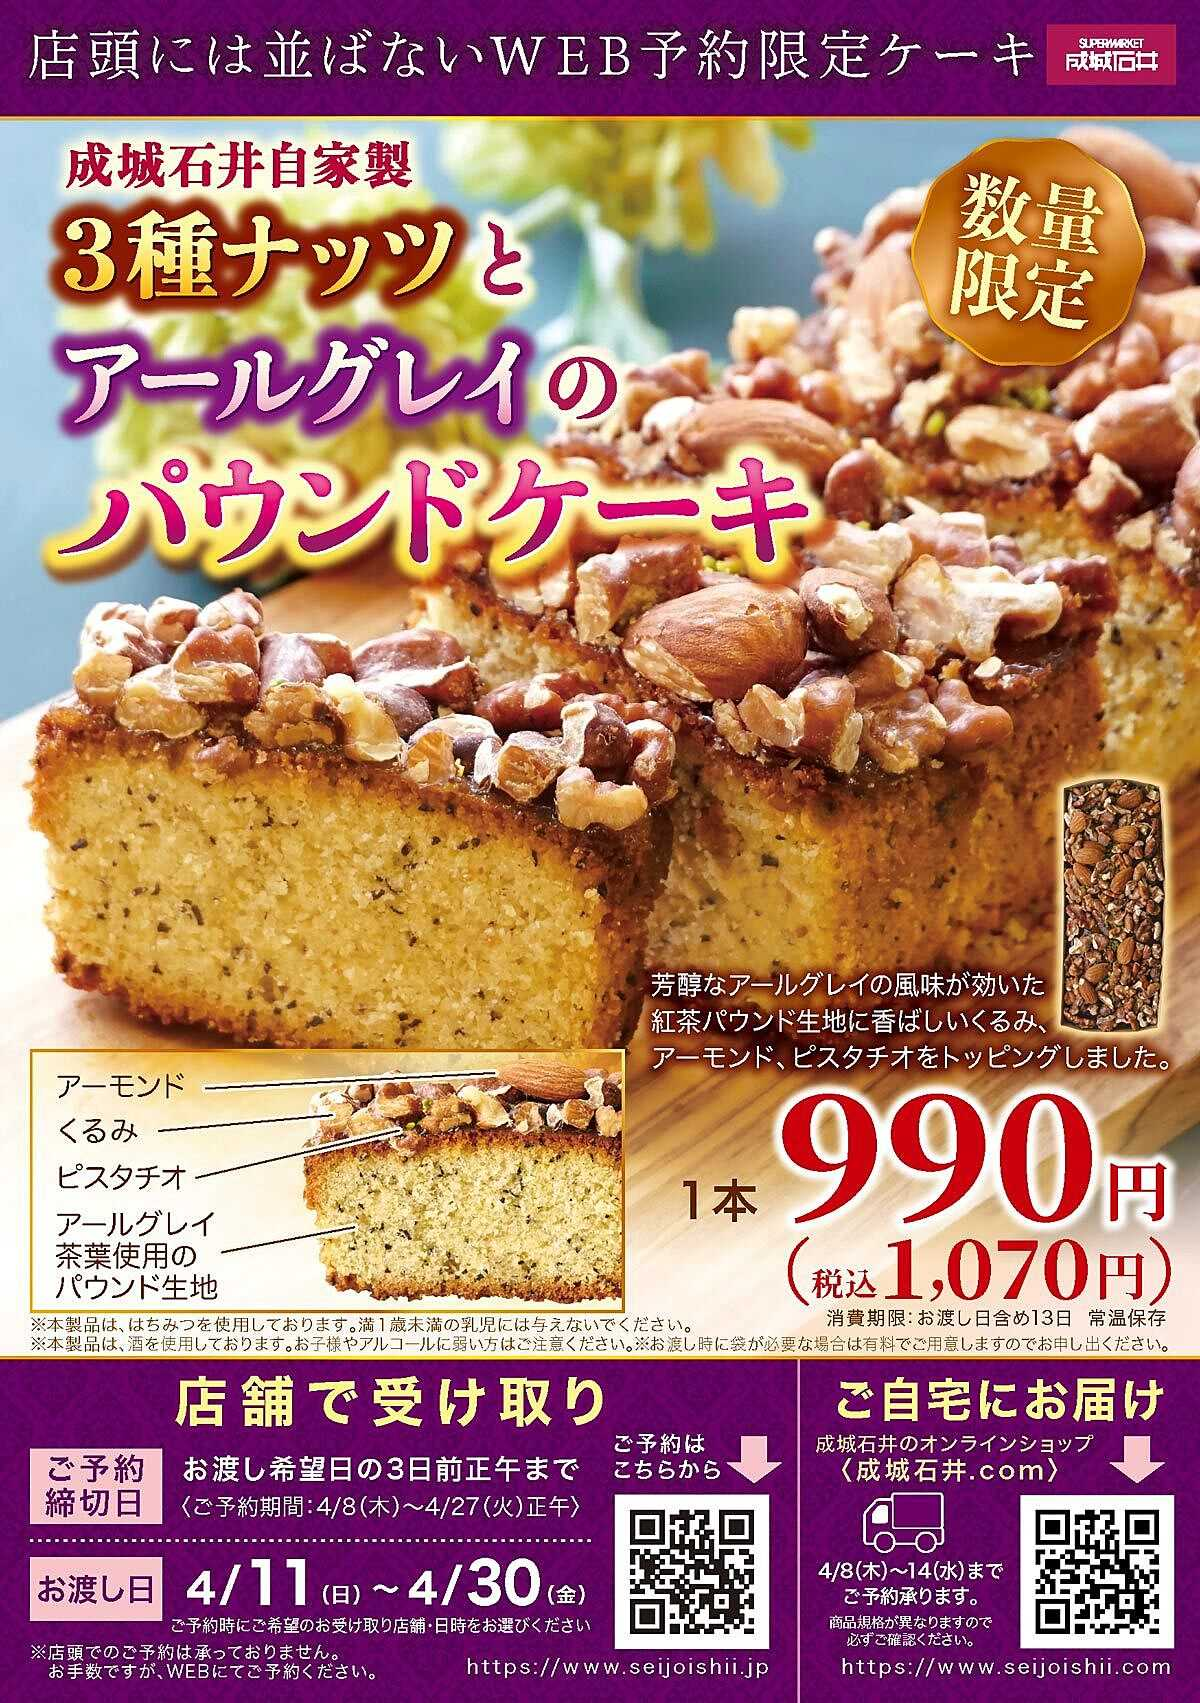 成城石井 【WEB予約限定】『3種ナッツとアールグレイのパウンドケーキ』ご予約承り中!